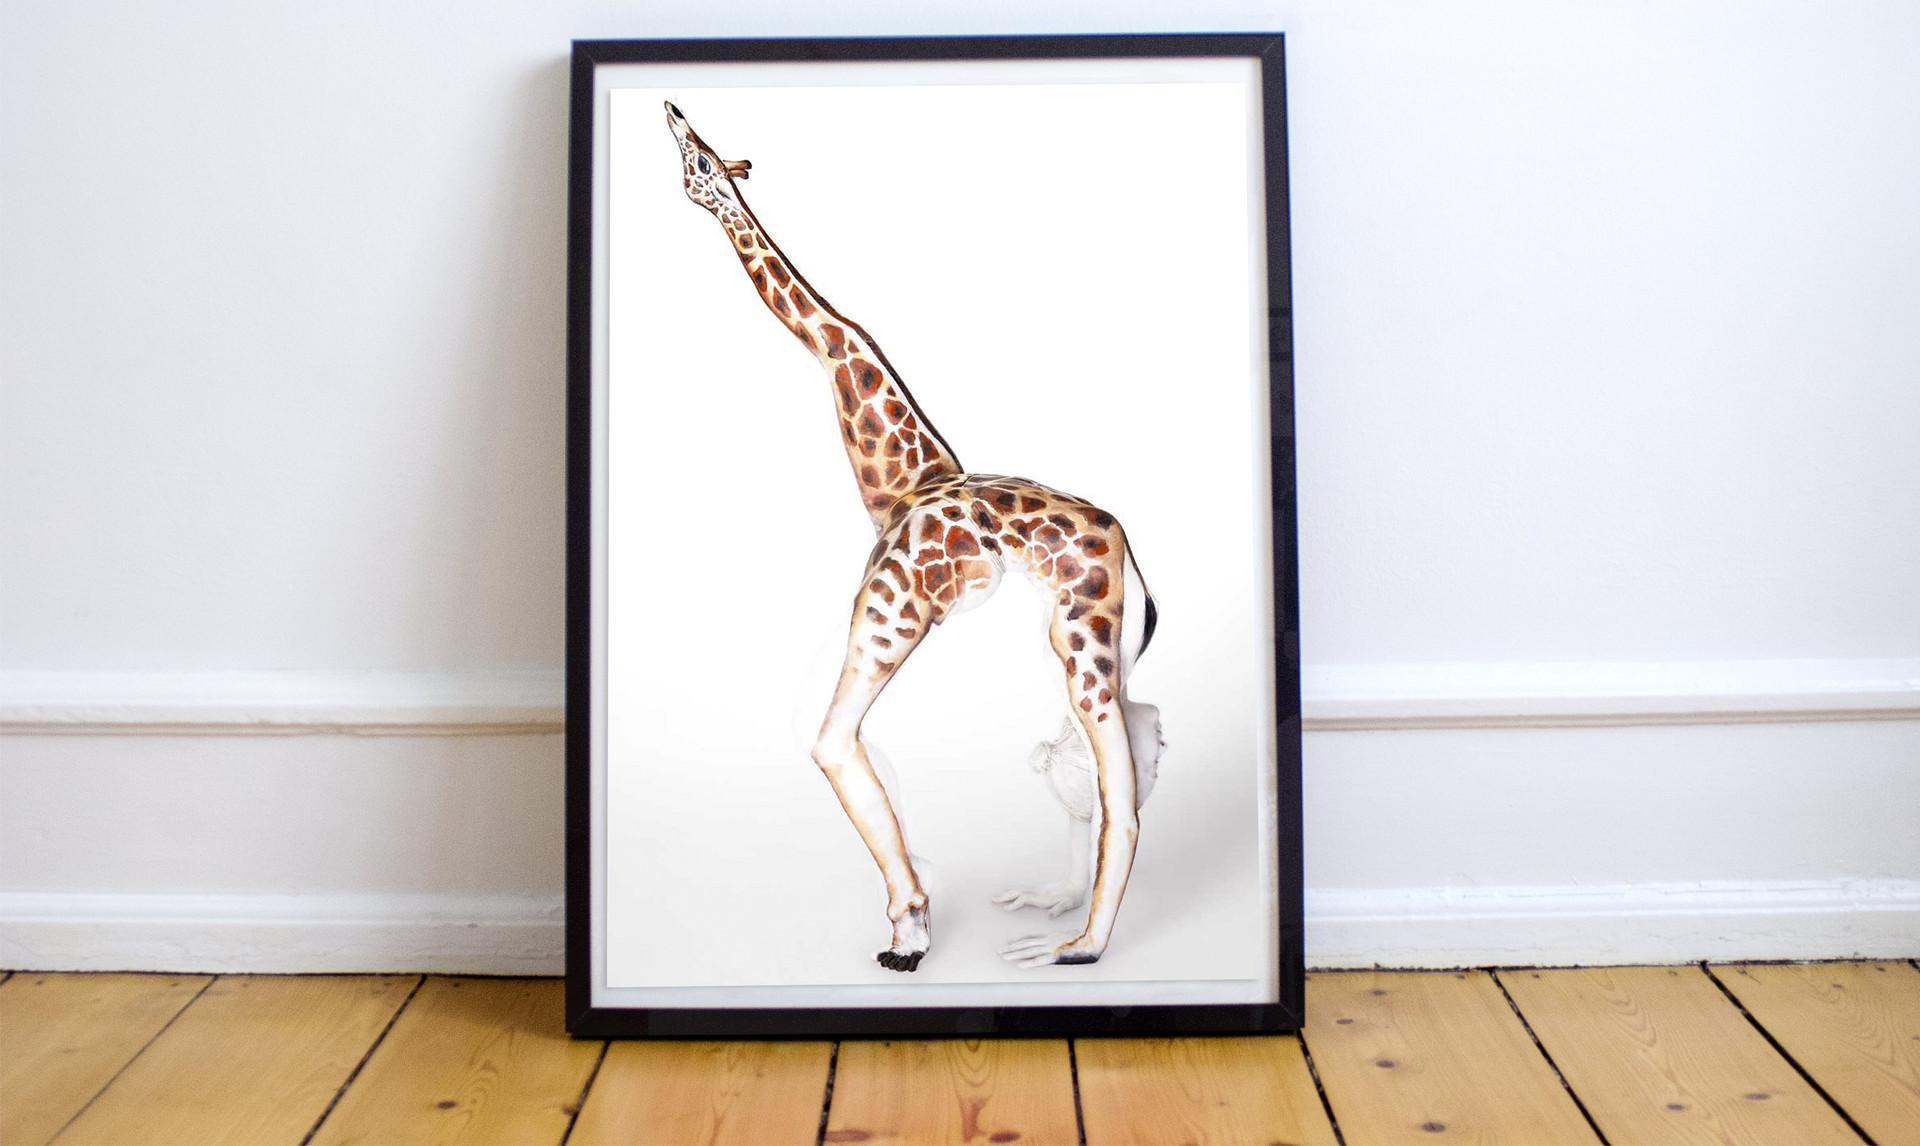 Framed giraffe print